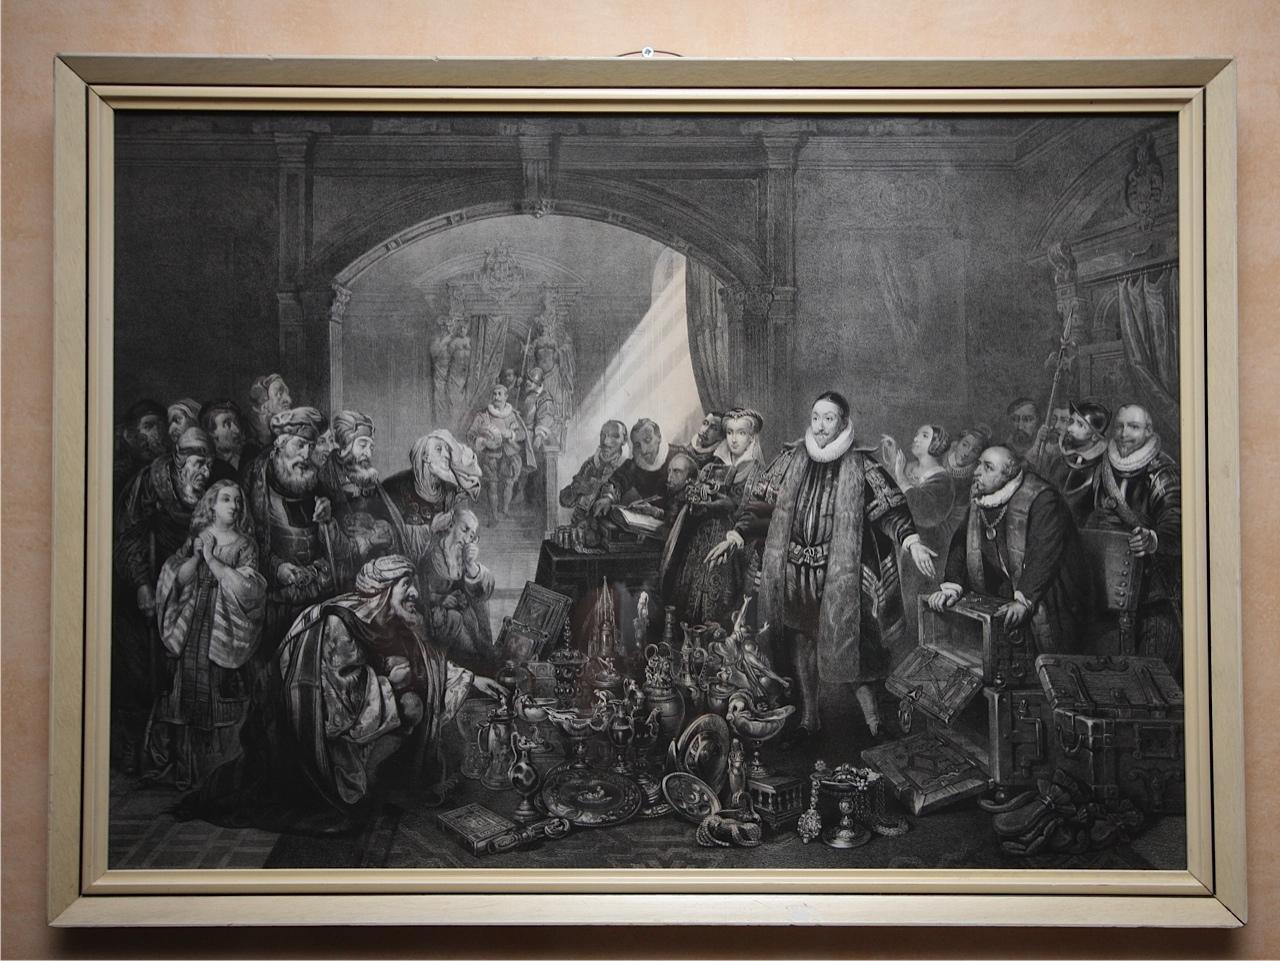 Afbeelding Prins Willem van Oranje. Zijn kostbaarheden op het altaar des Vaderlands Offerend. De afbeelding is in het jaar 1858 gemaakt door Pieter Willem Marinus Trap.